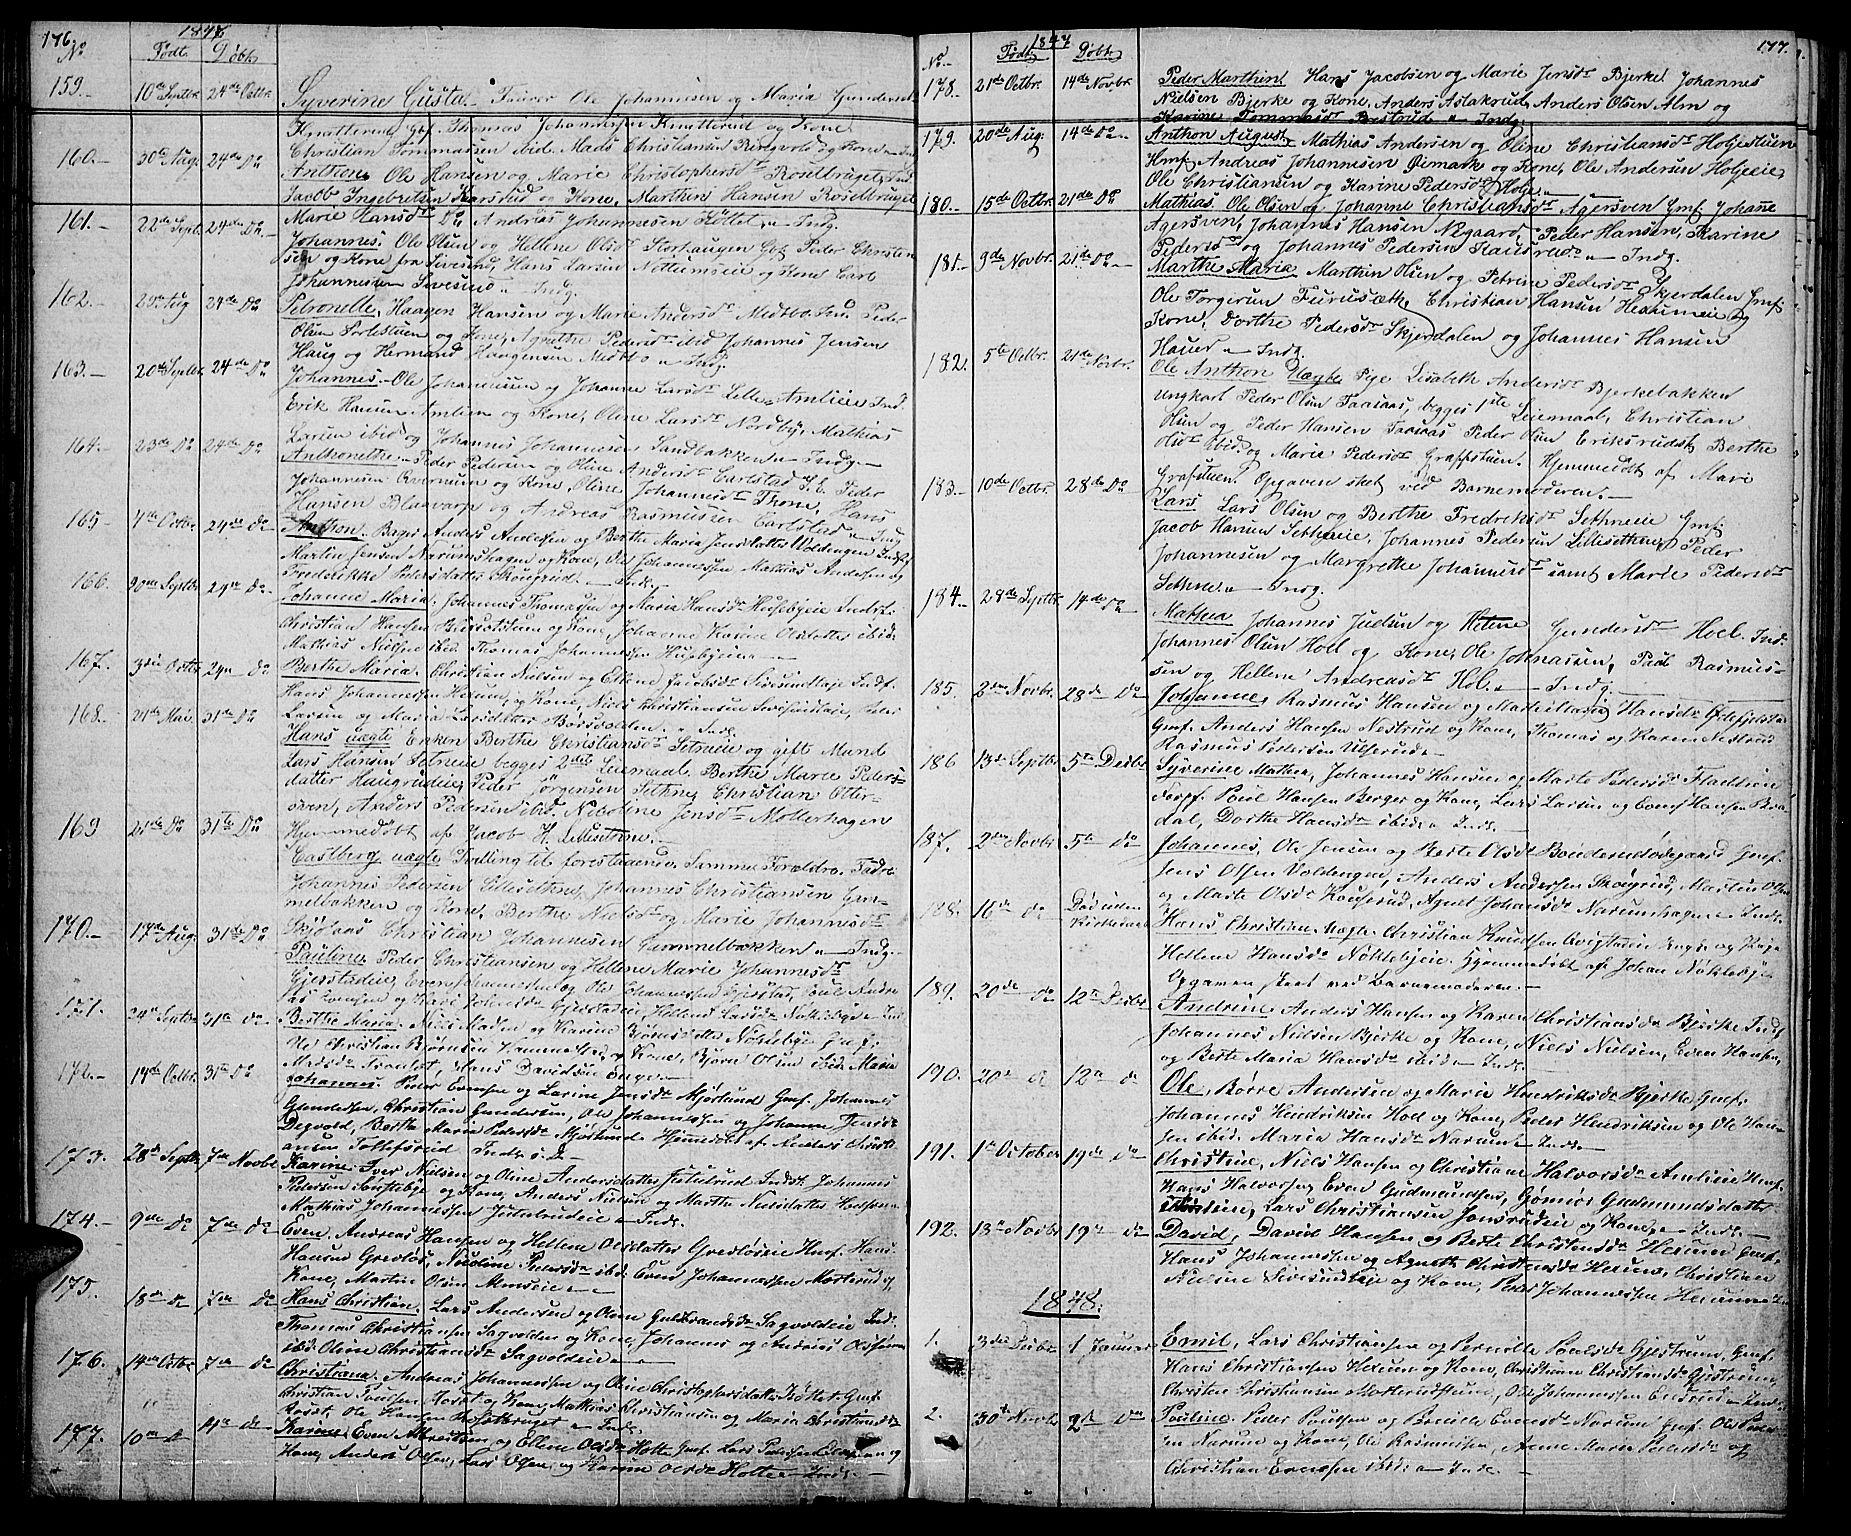 SAH, Vestre Toten prestekontor, Klokkerbok nr. 2, 1836-1848, s. 176-177